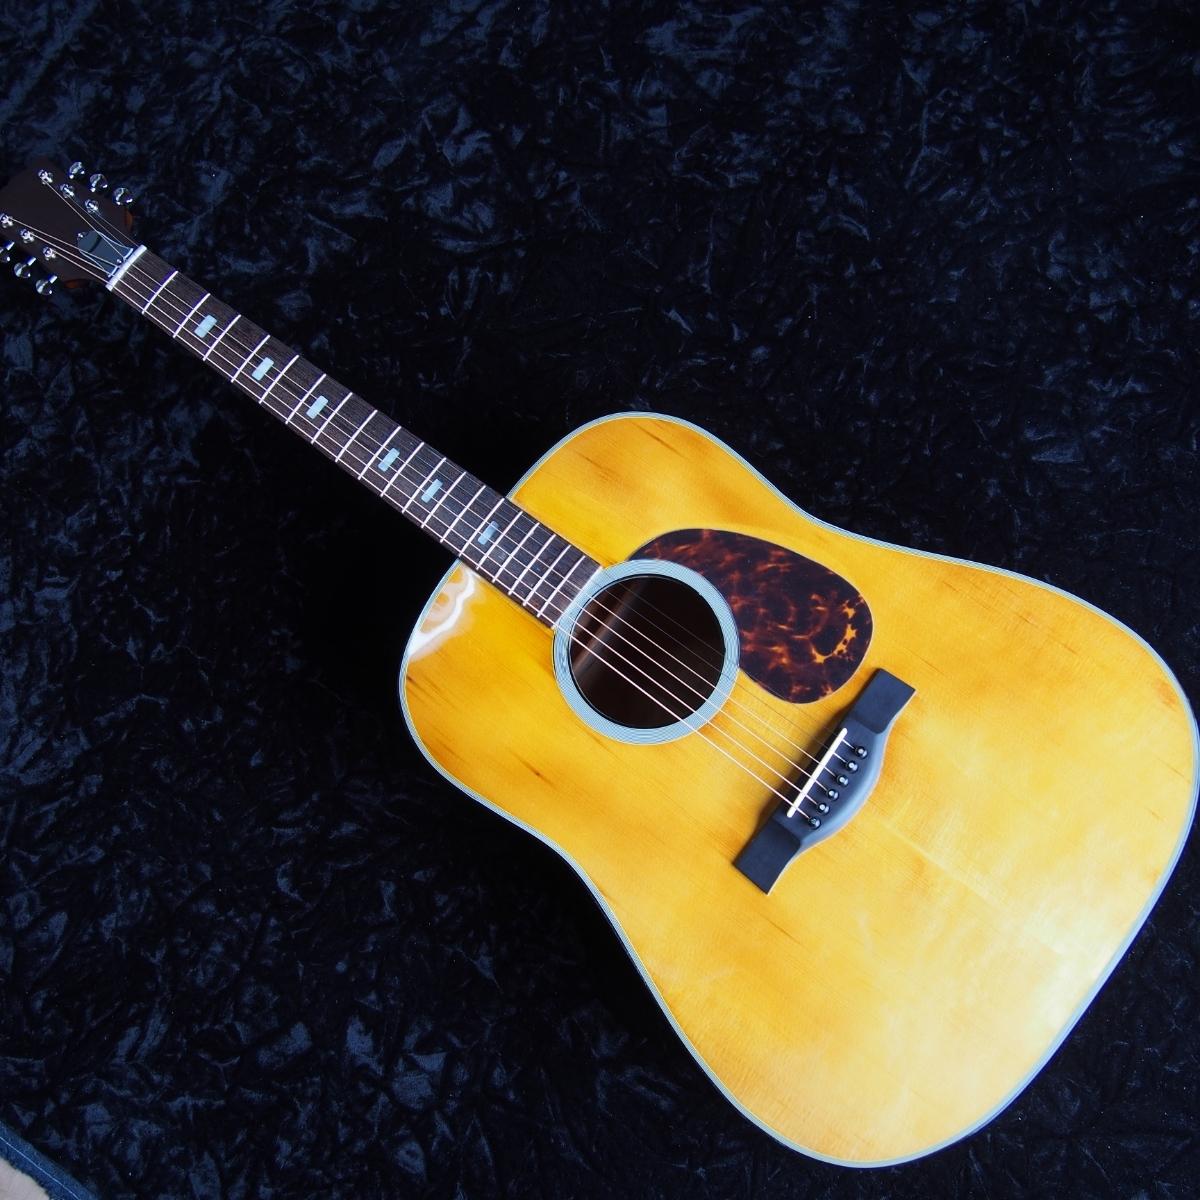 レア 虎杢 全単板 オールラッカー オーバーホール済 ヴィンテージ アコースティックギター _画像6